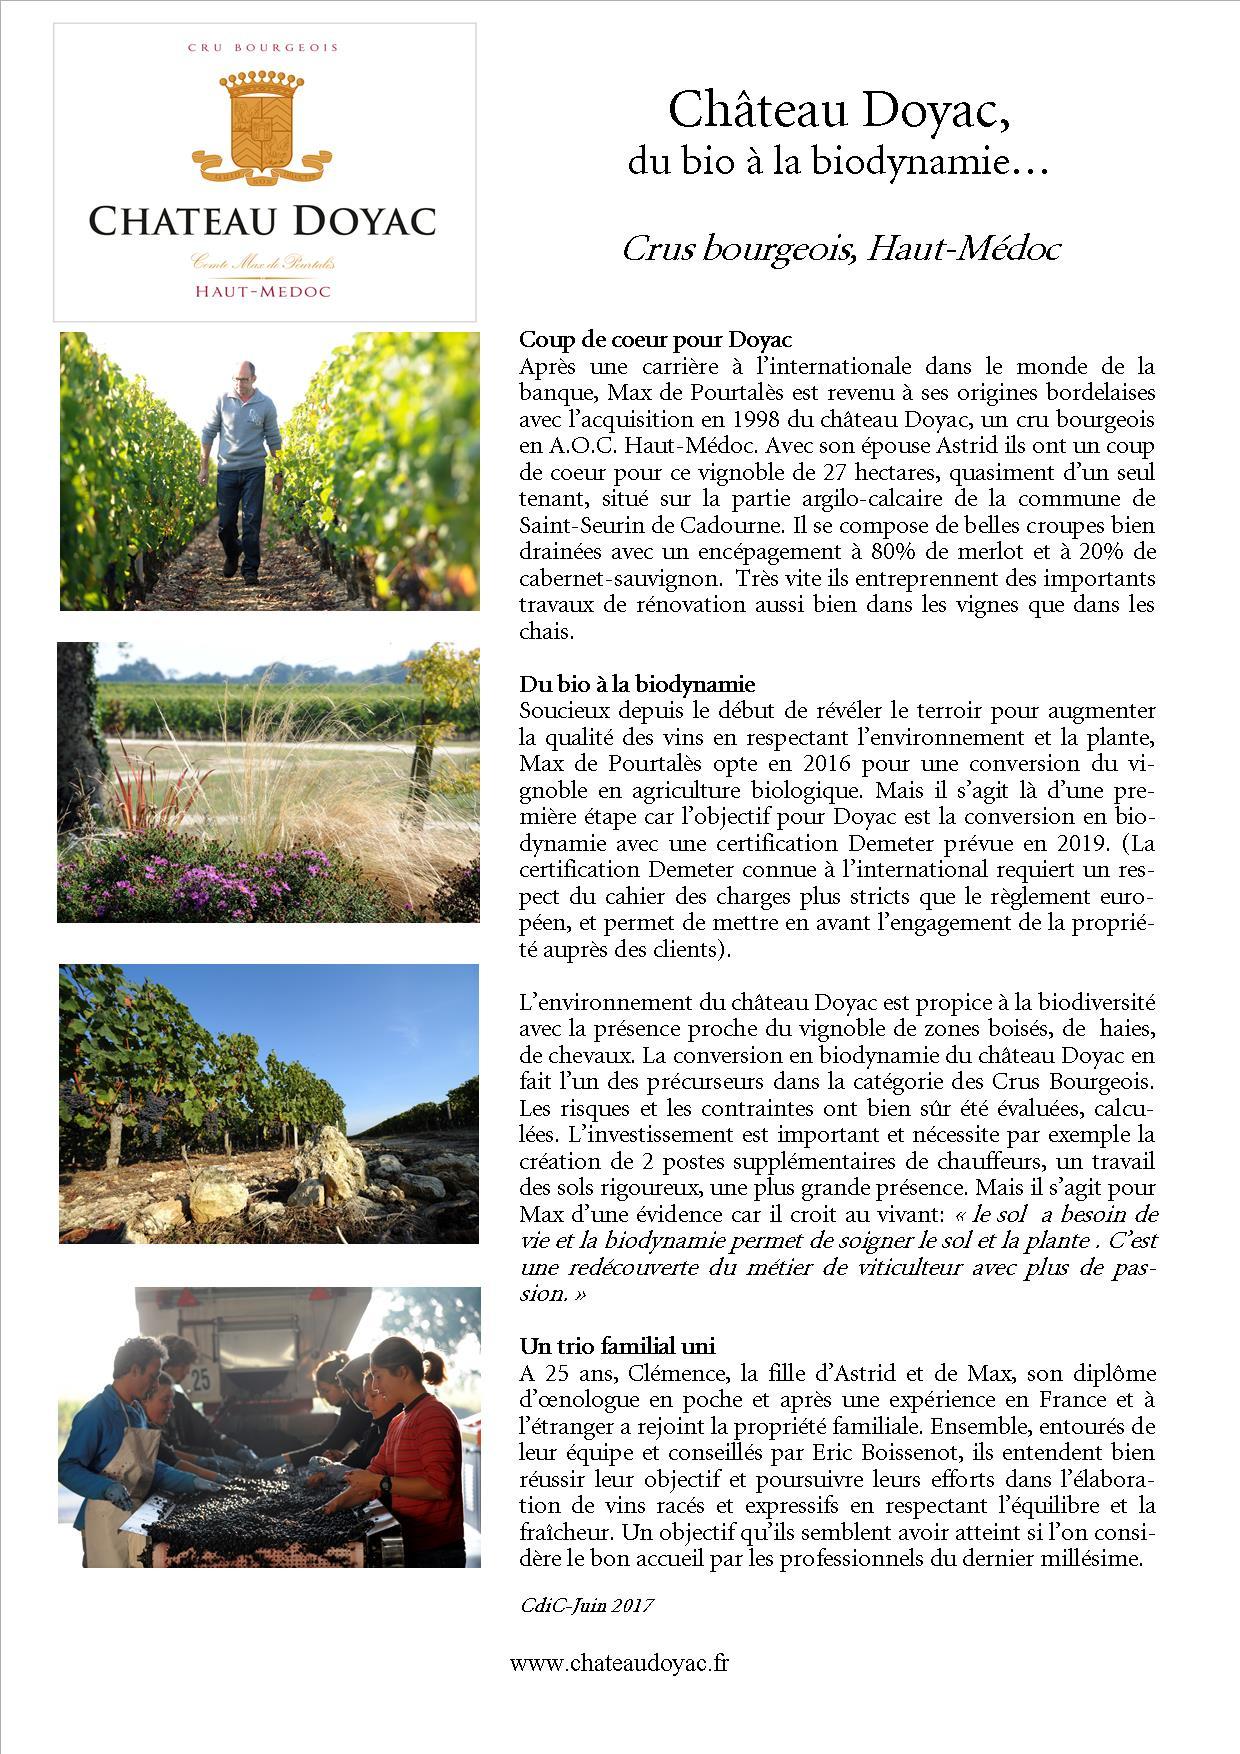 CP Château Doyac du bio à la biodynamie presse